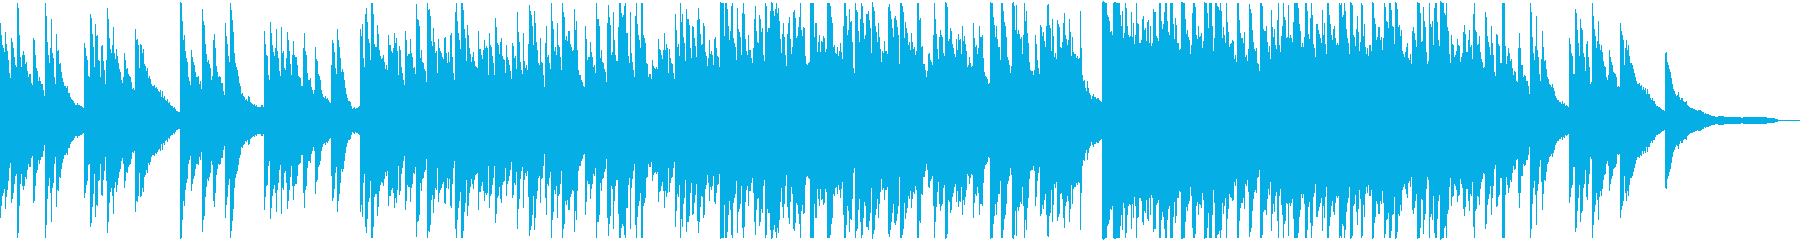 春の夕暮れに聴きたいピアノバラードの再生済みの波形